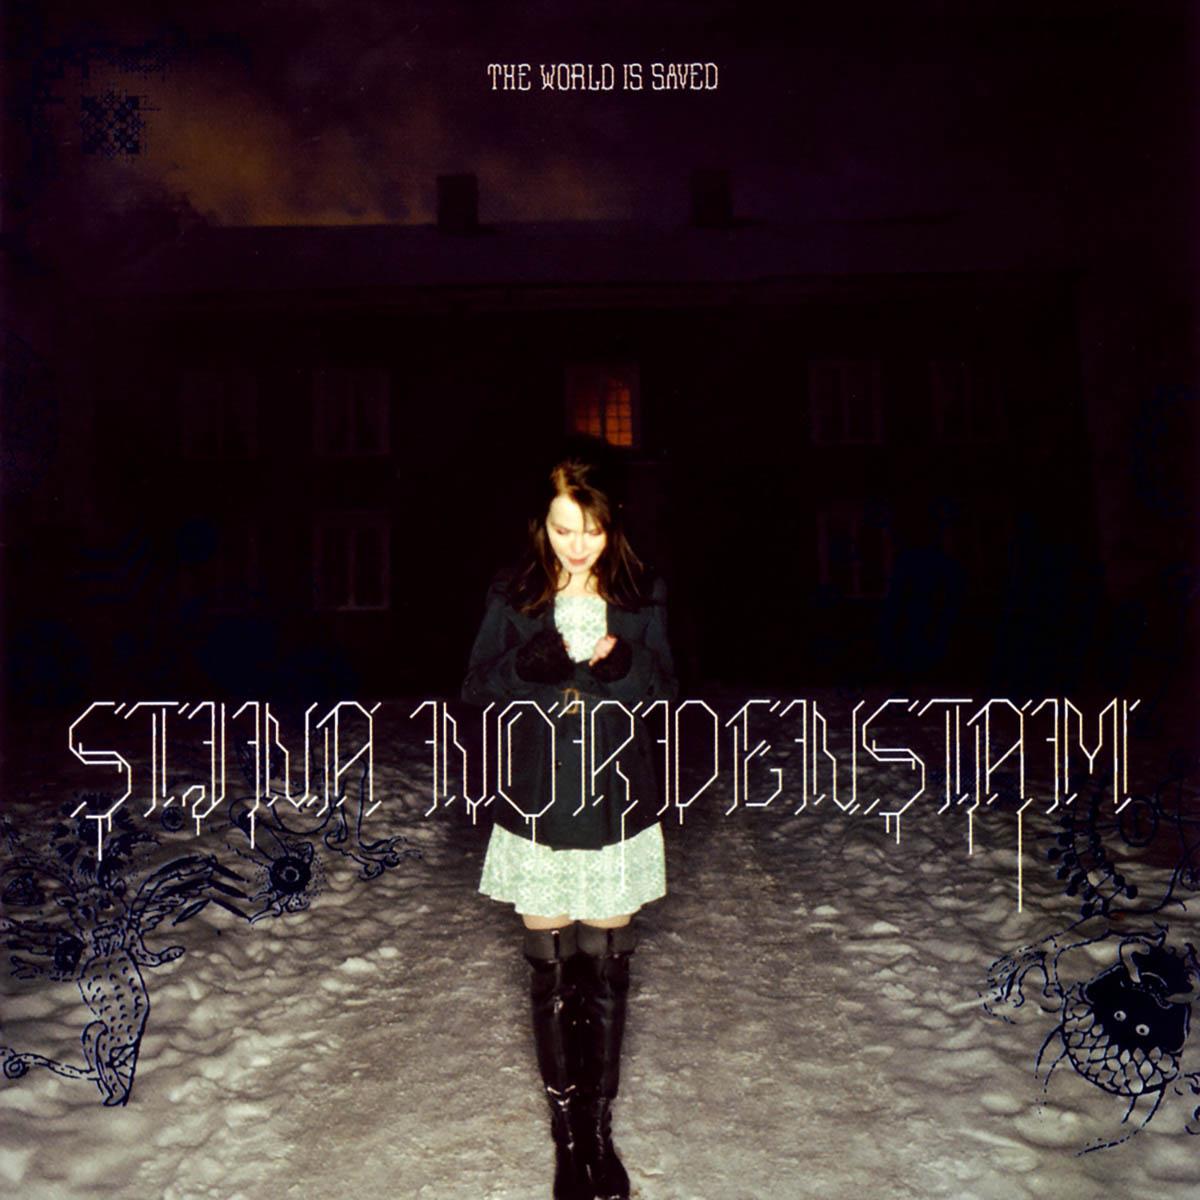 Stina Nordenstam, The World Is Saved